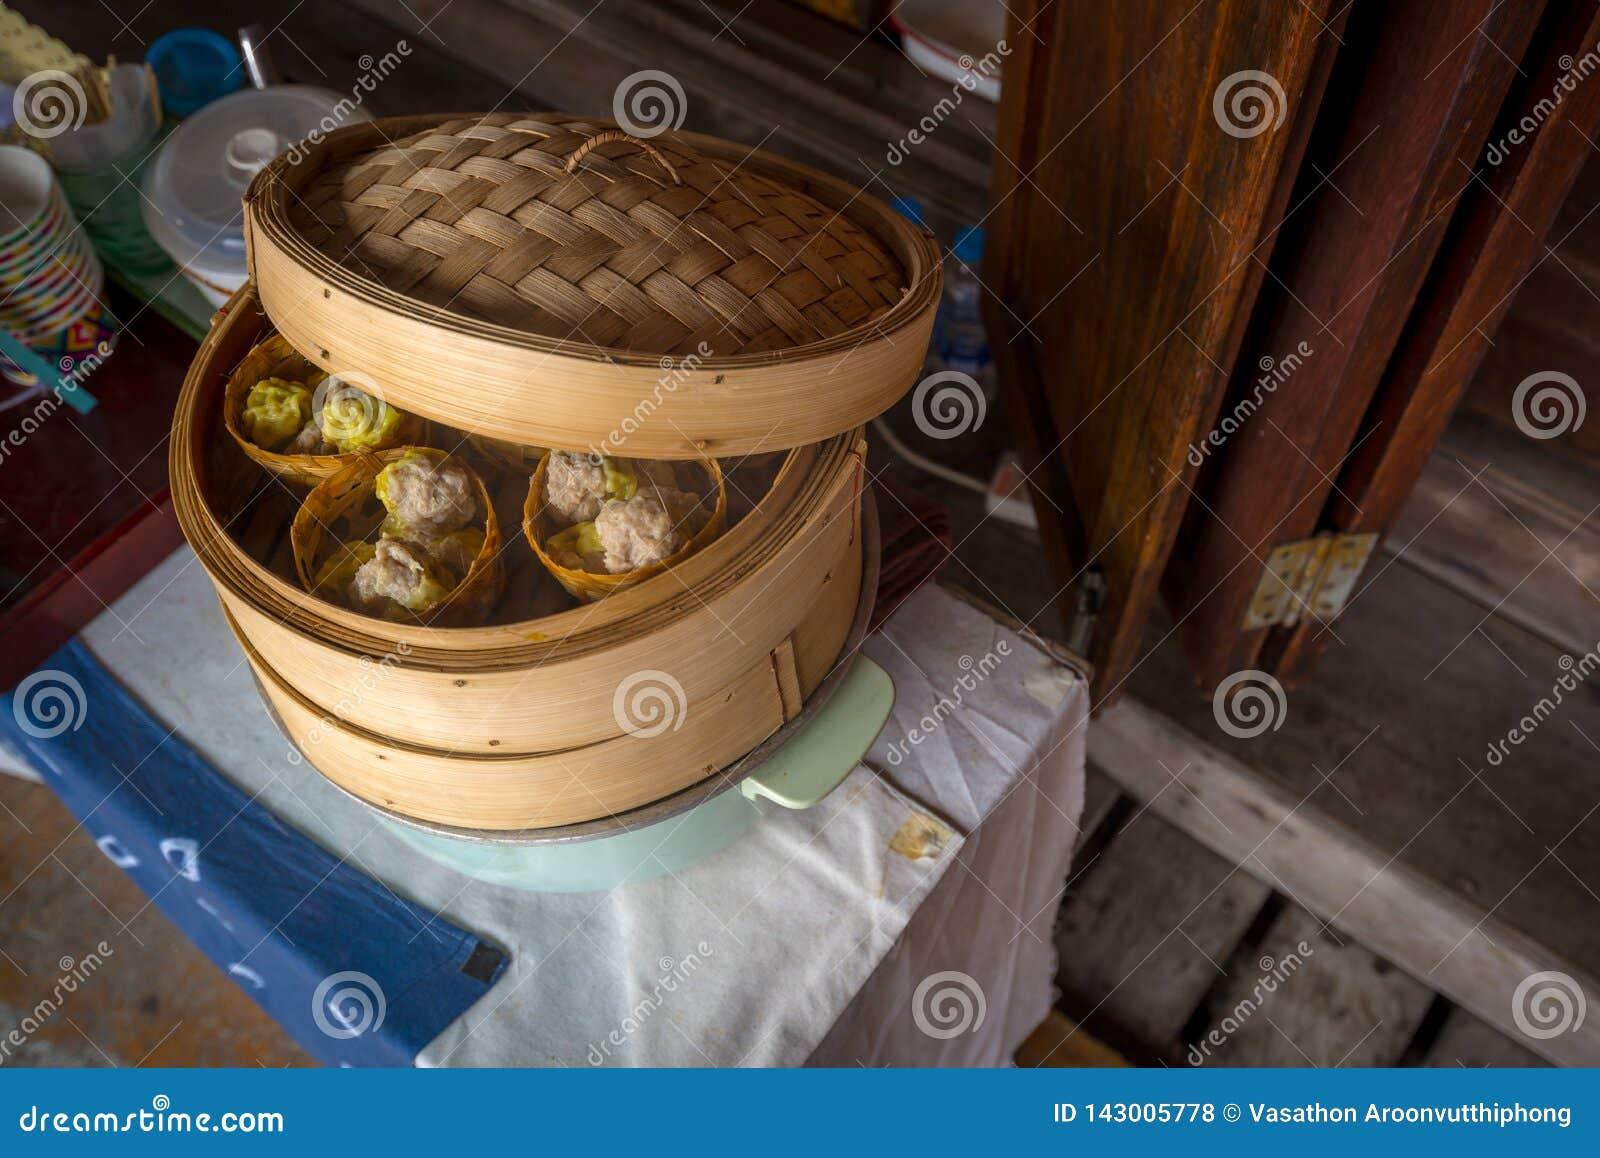 Κινεζικό βρασμένο στον ατμό SIU Mai ποσού μπουλεττών αμυδρό στο δοχείο ταινιών